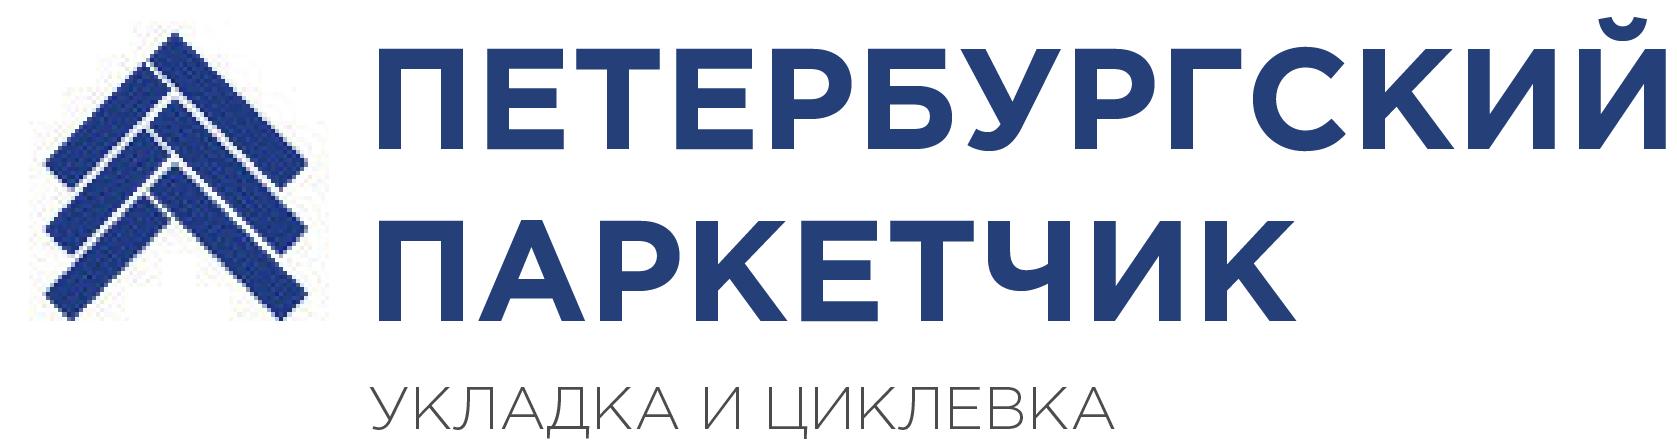 Петербургский паркетчик